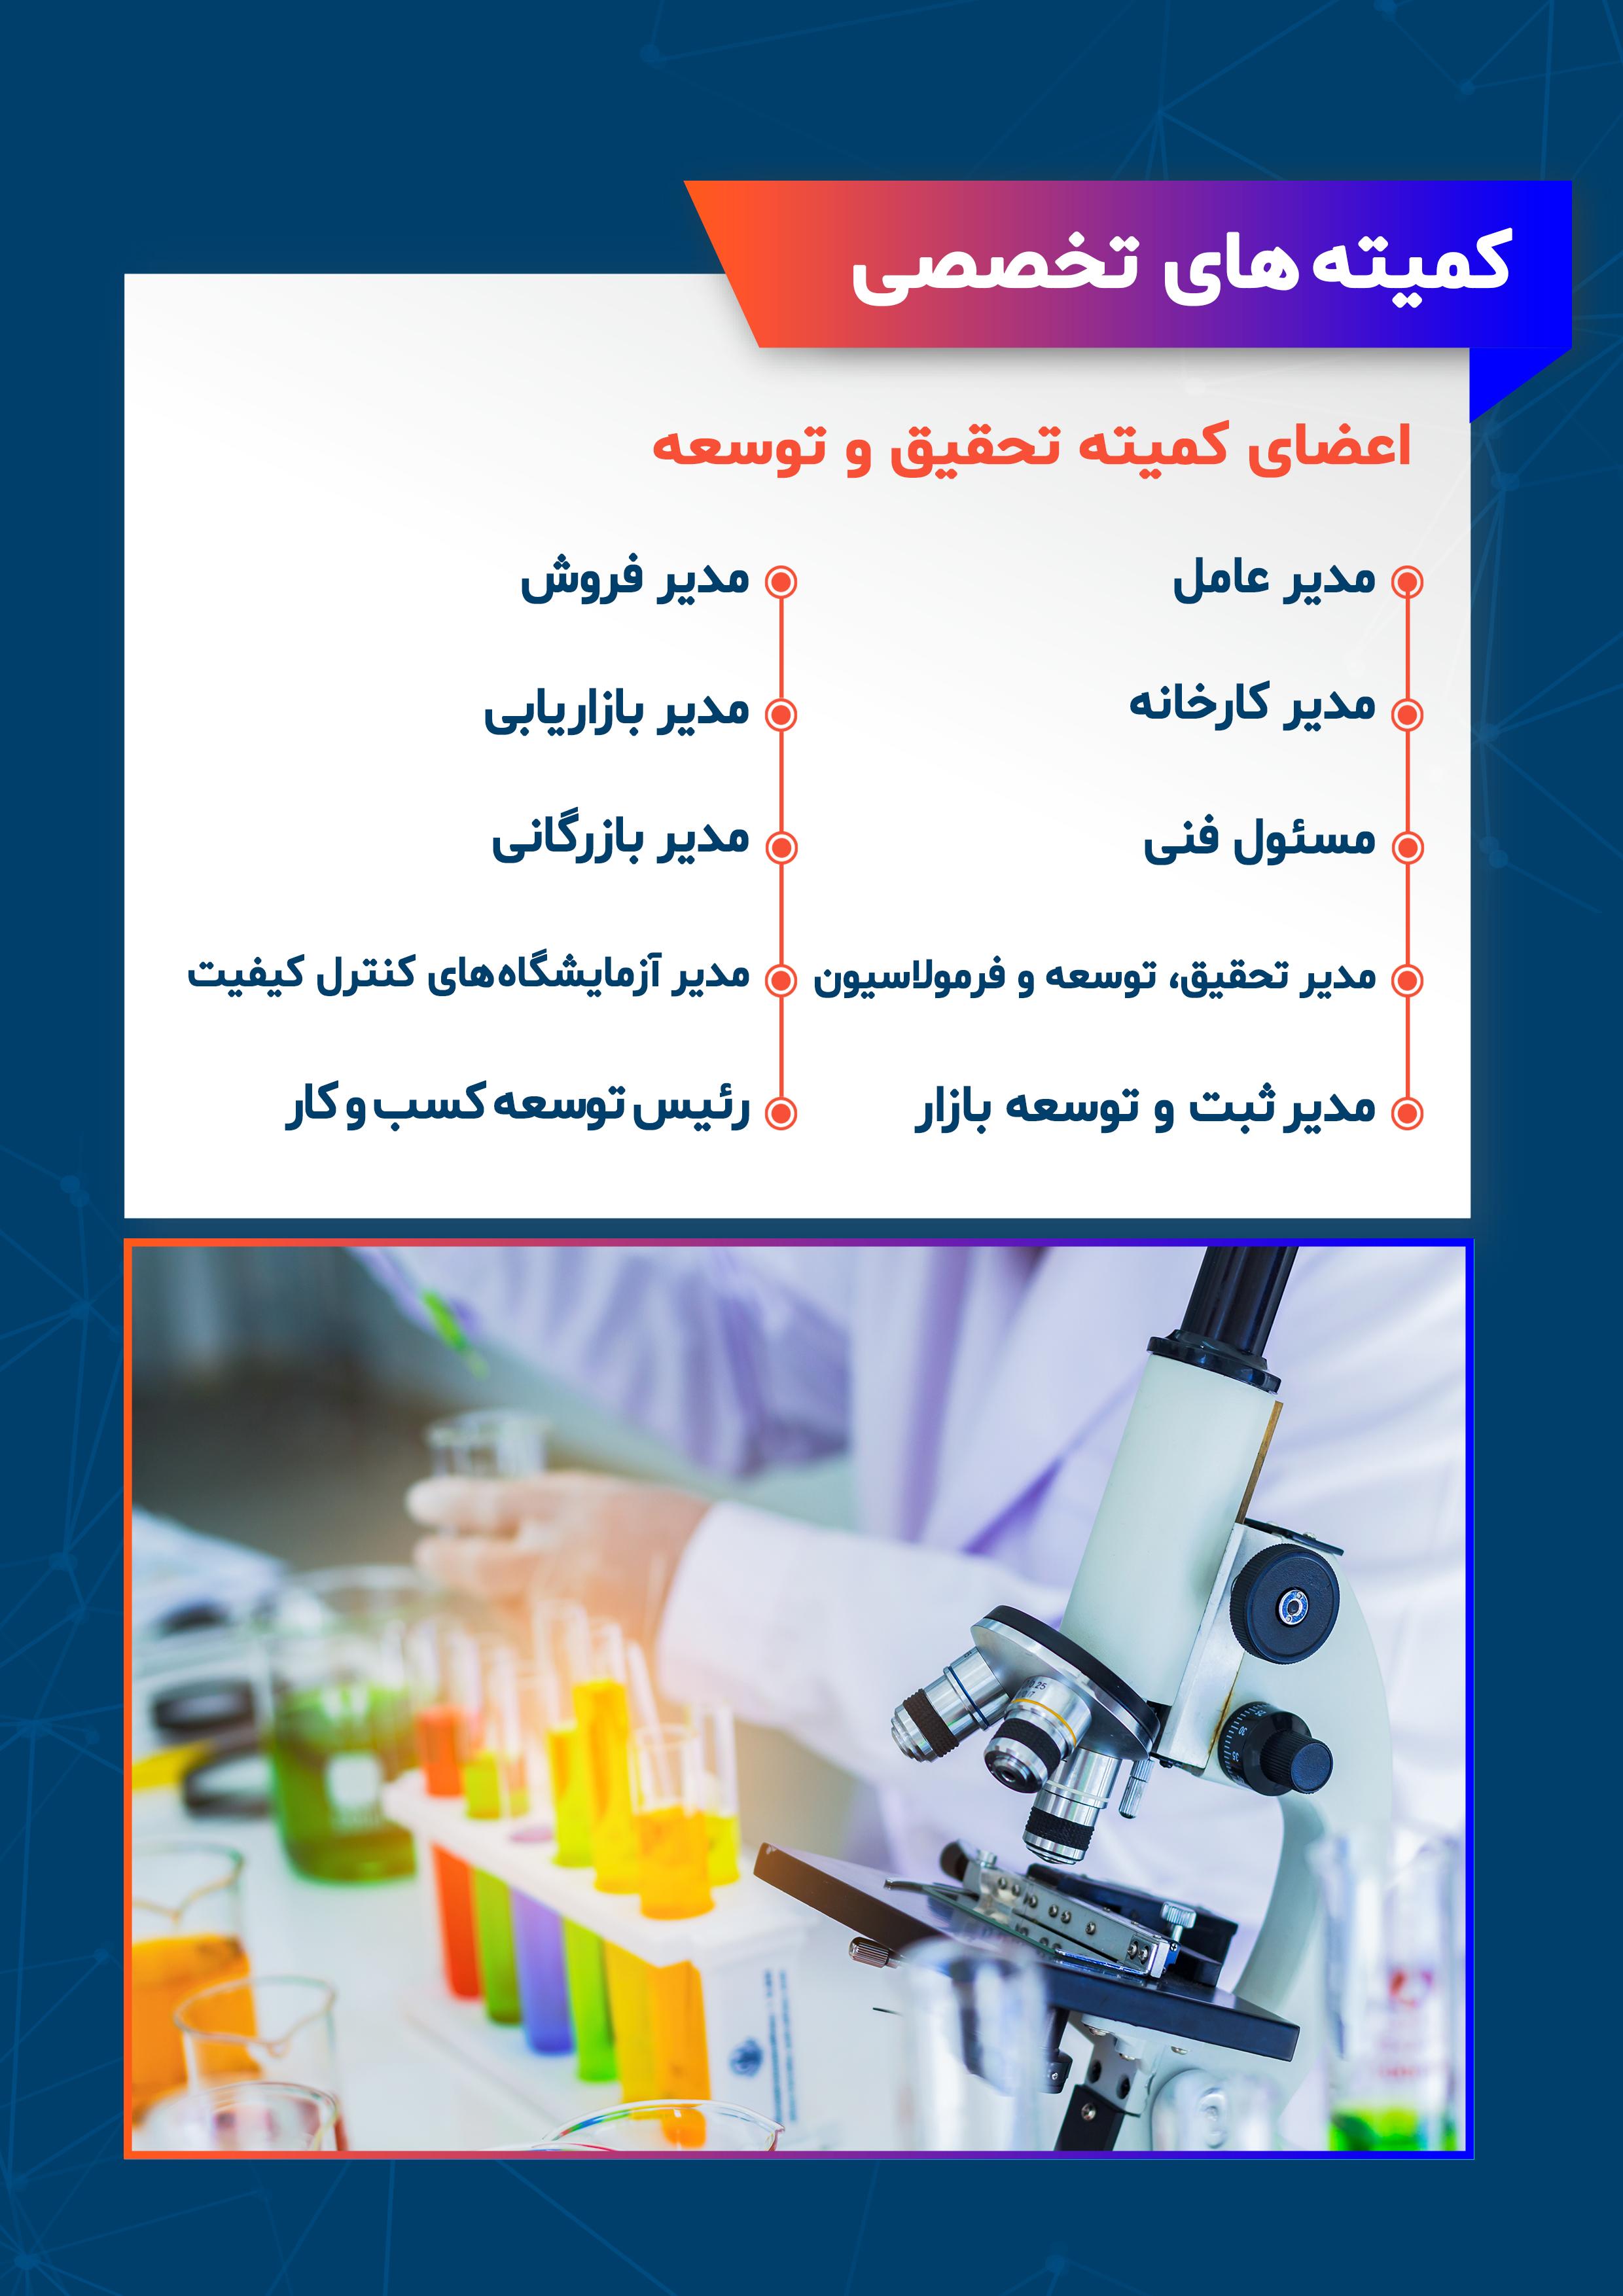 کمیته-تحقیق-و-توسعه